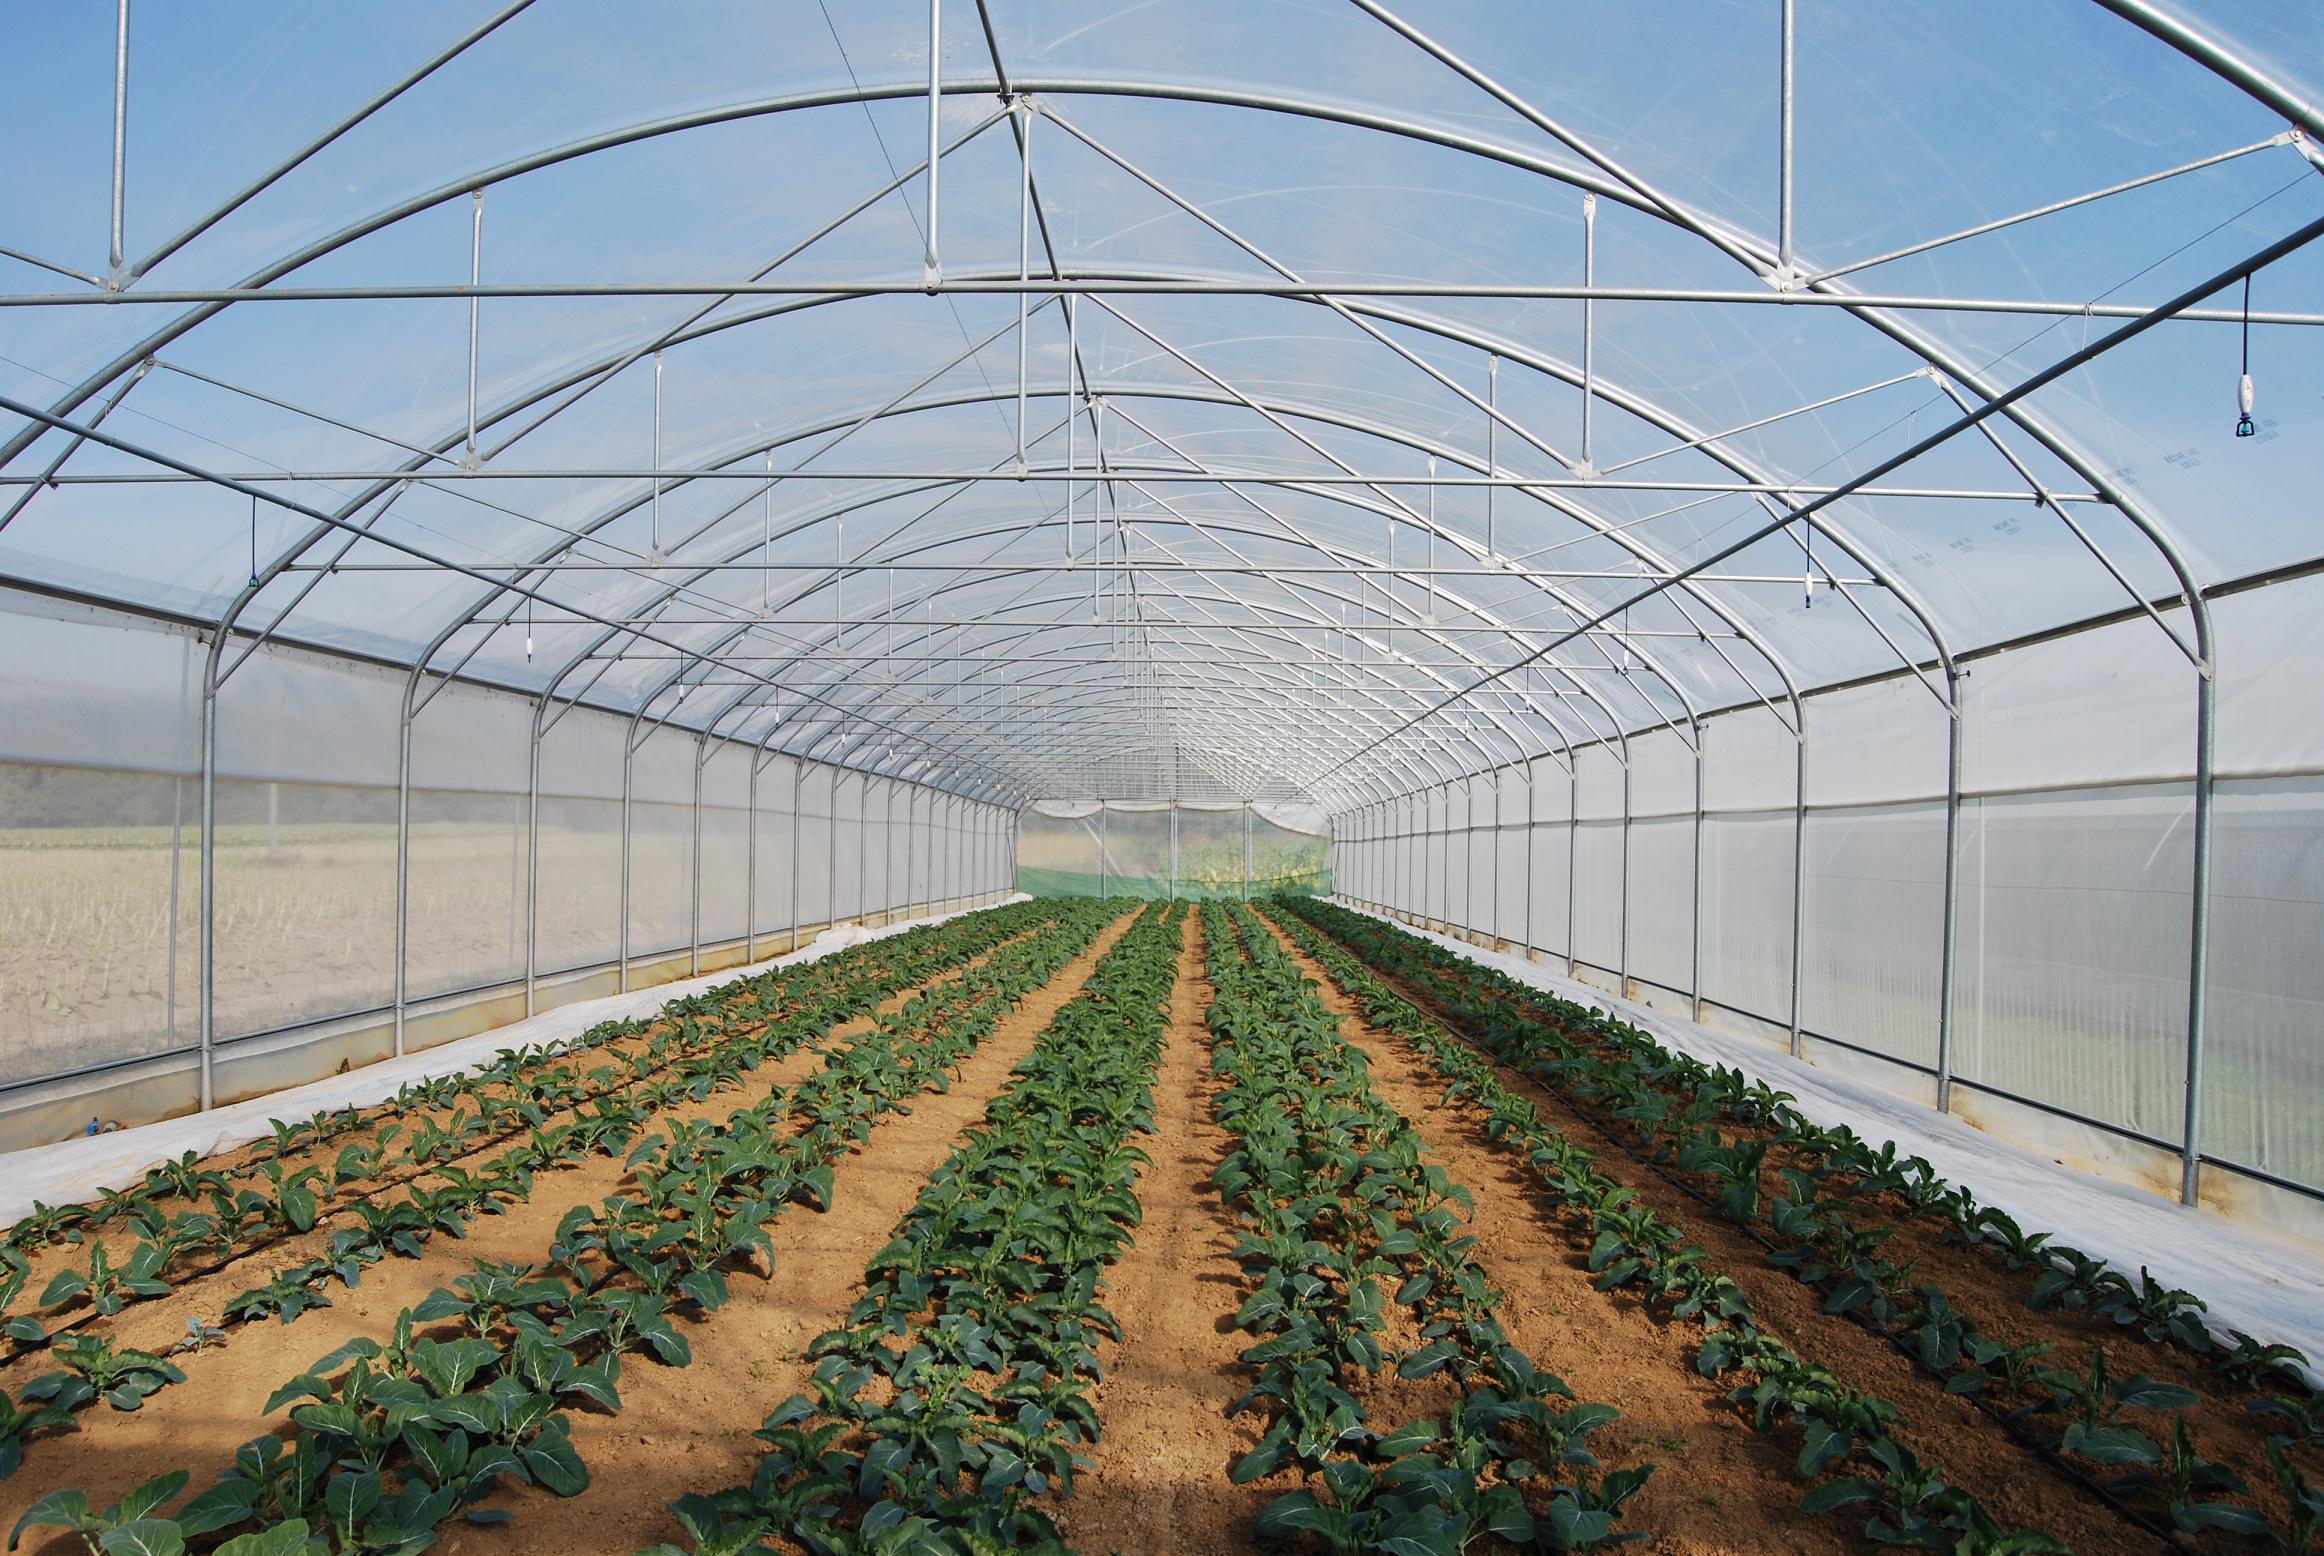 tunnels pieds droits degrav 39 agri tout pour produire les fruits rouges et les asperges. Black Bedroom Furniture Sets. Home Design Ideas